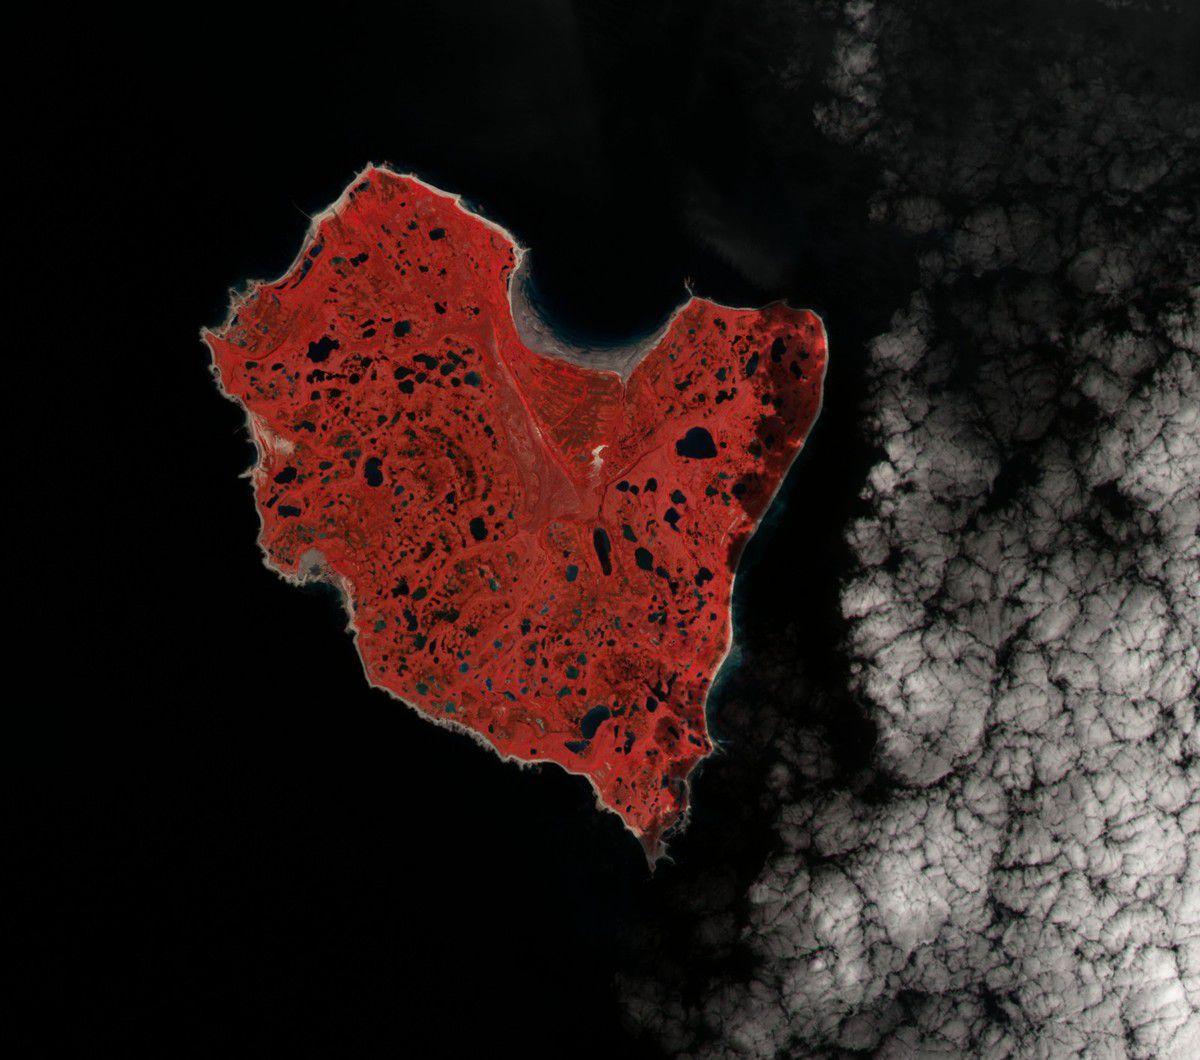 Saint-Valentin - coeur vu du ciel - île en forme de coeur - satellite - amoureux - rouge - observation de la Terre